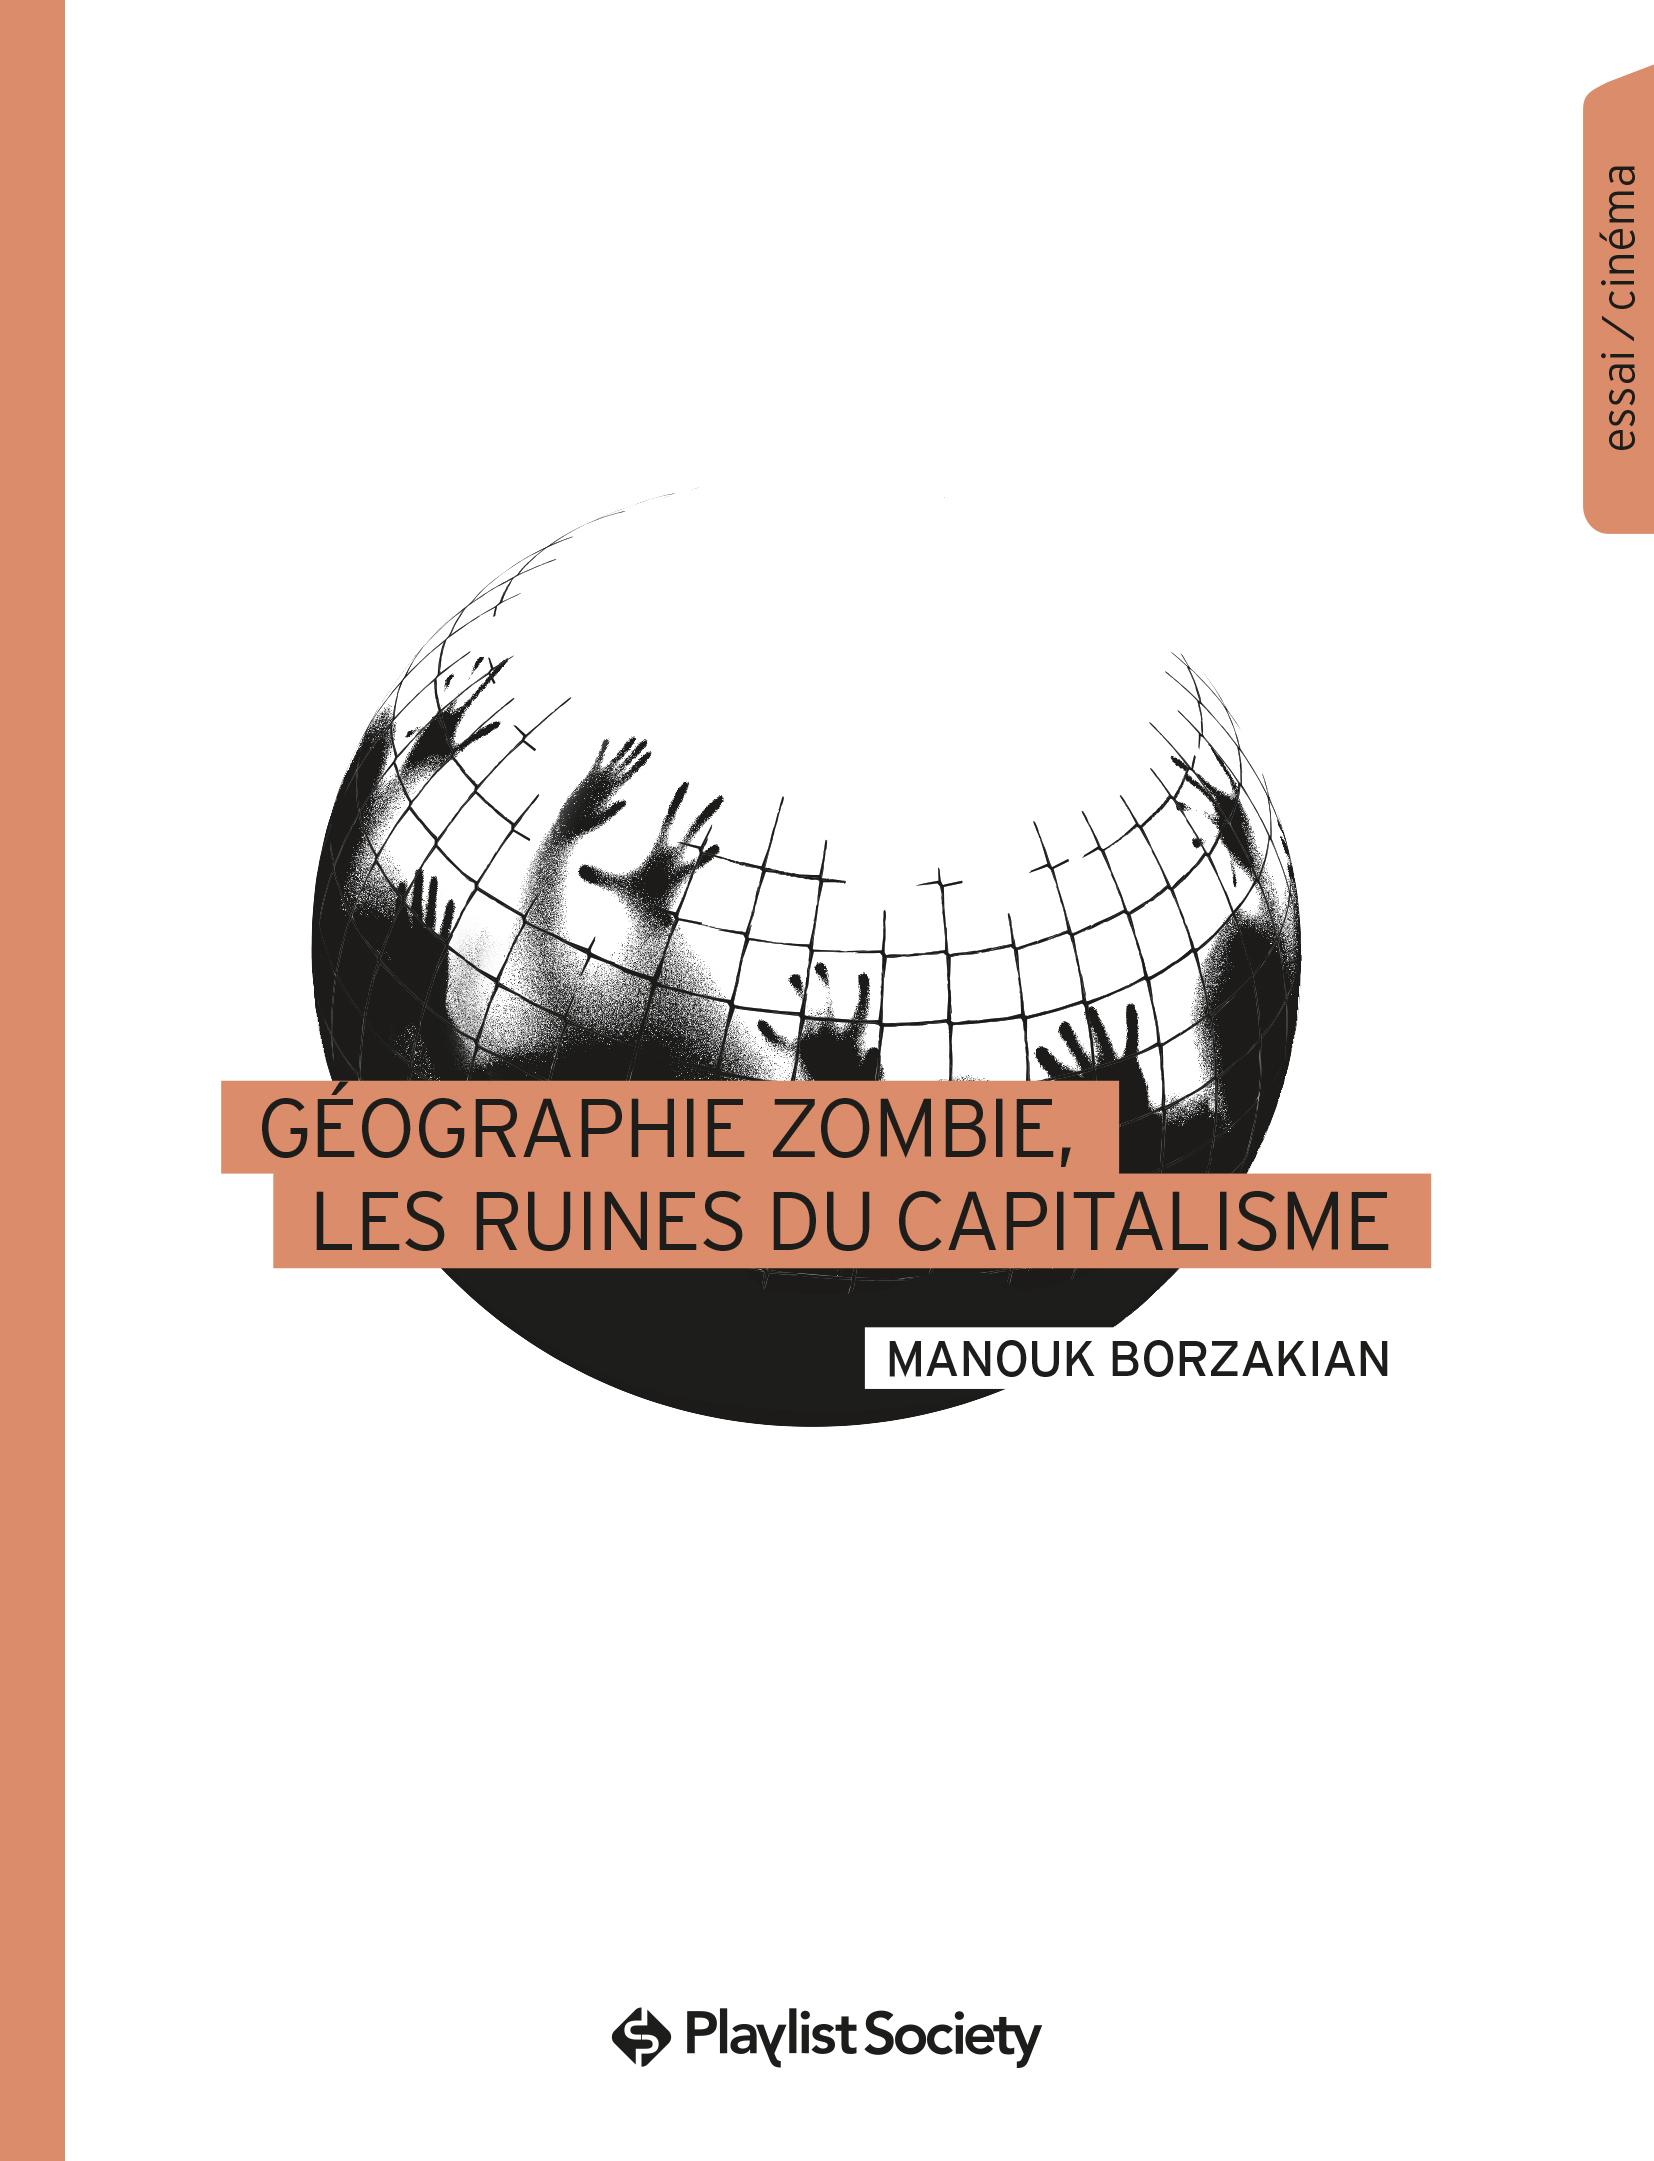 GEOGRAPHIE ZOMBIE, LES RUINES DU CAPITALISME